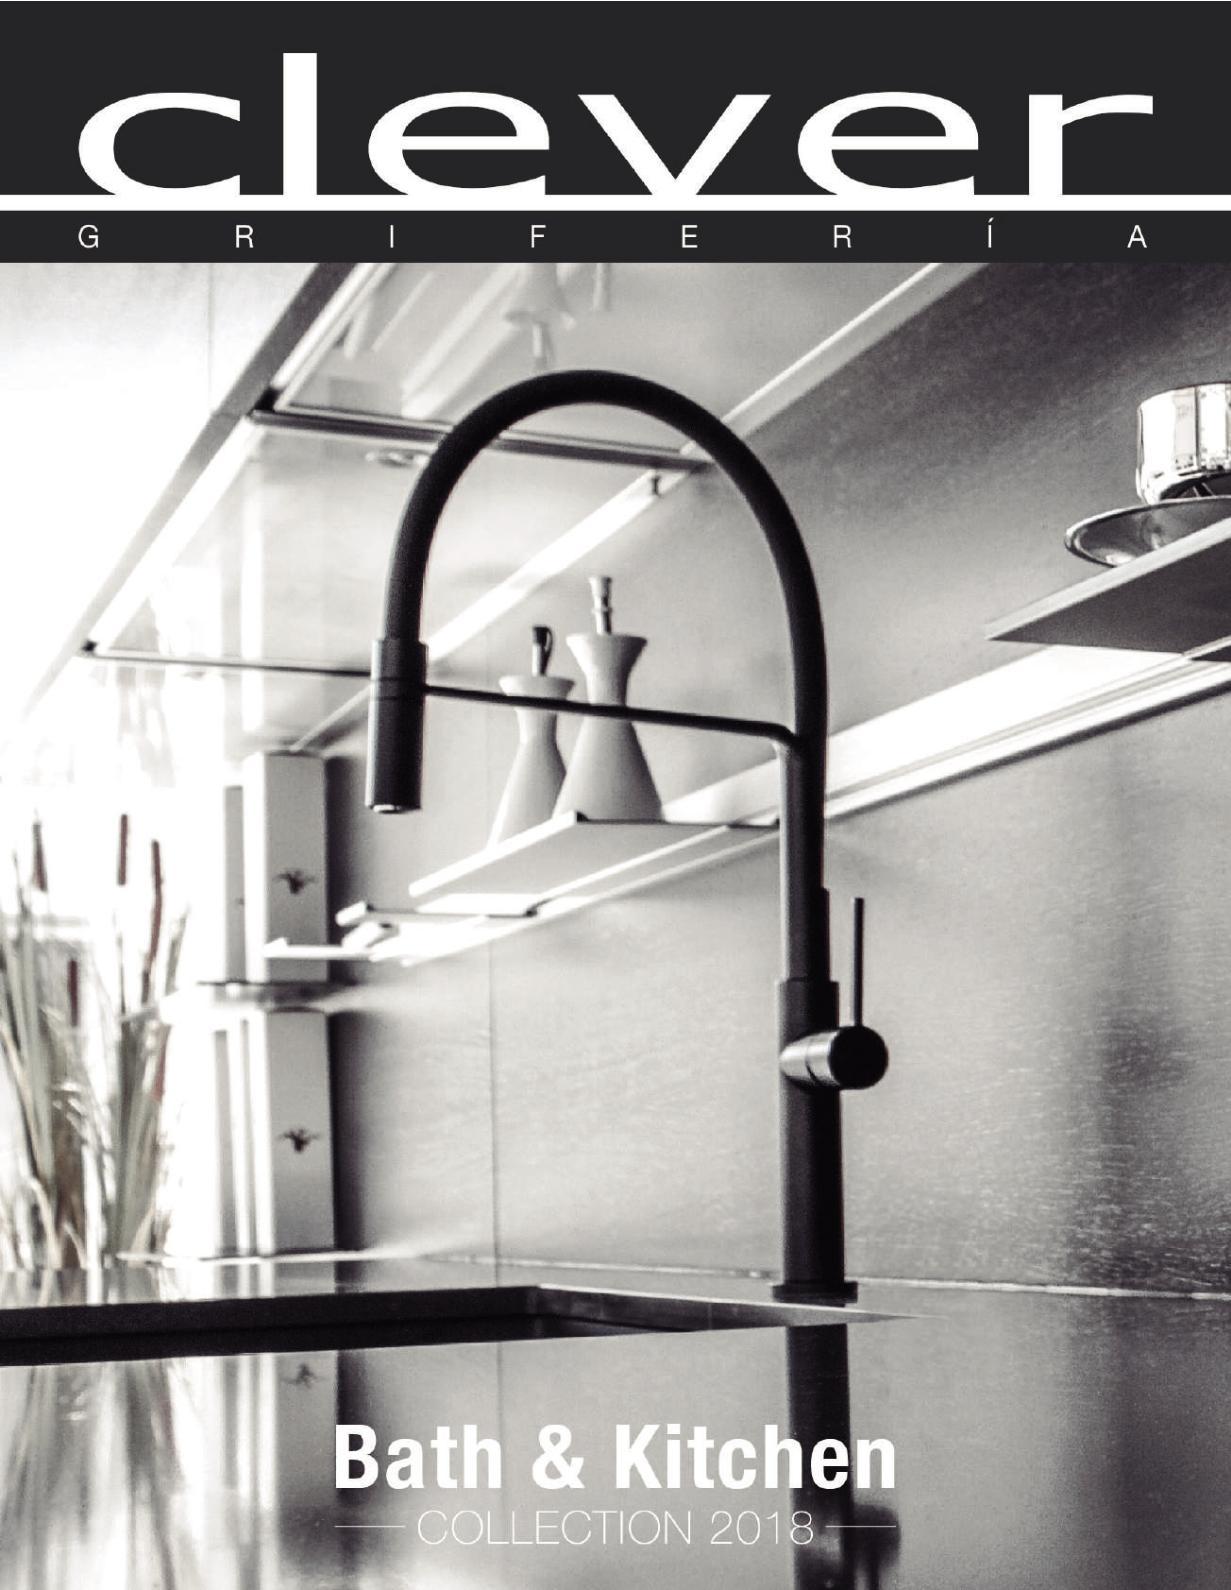 Clever 92603 Grifo DE Cocina Vertical Caiman Cromo Cromado